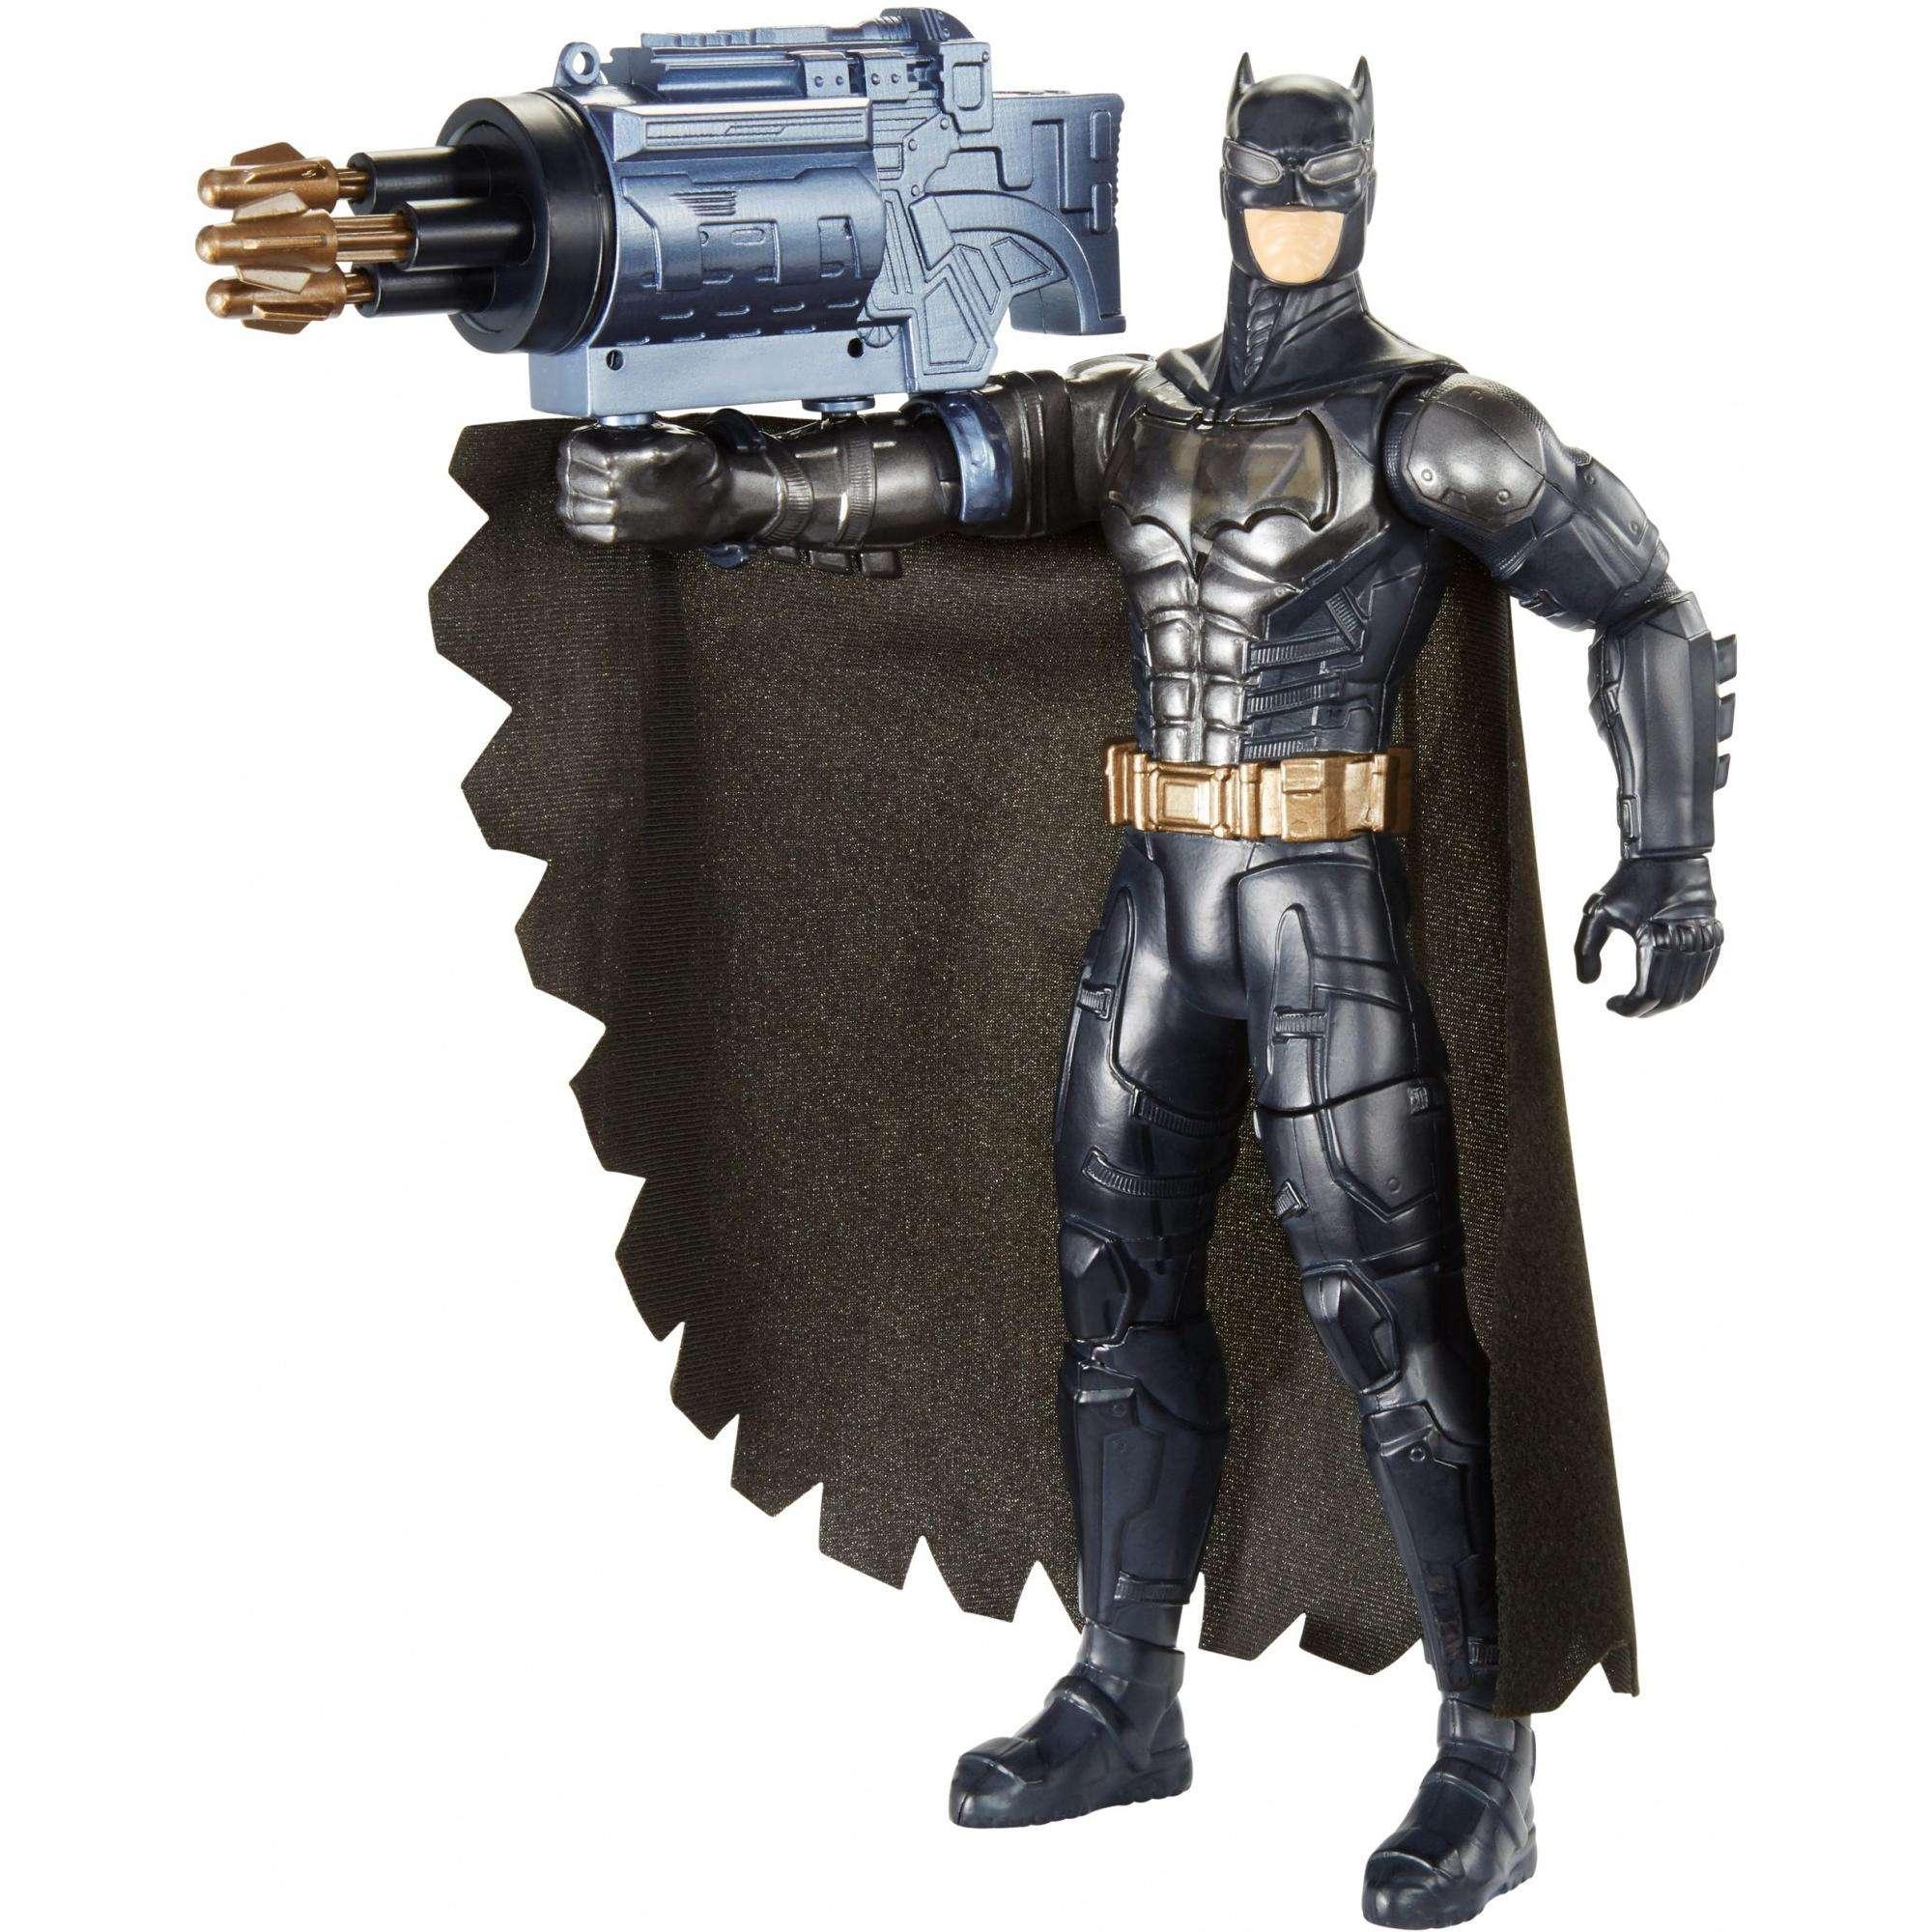 DC Justice League Electro-Gauntlet Batman Figure with Lights & Sounds